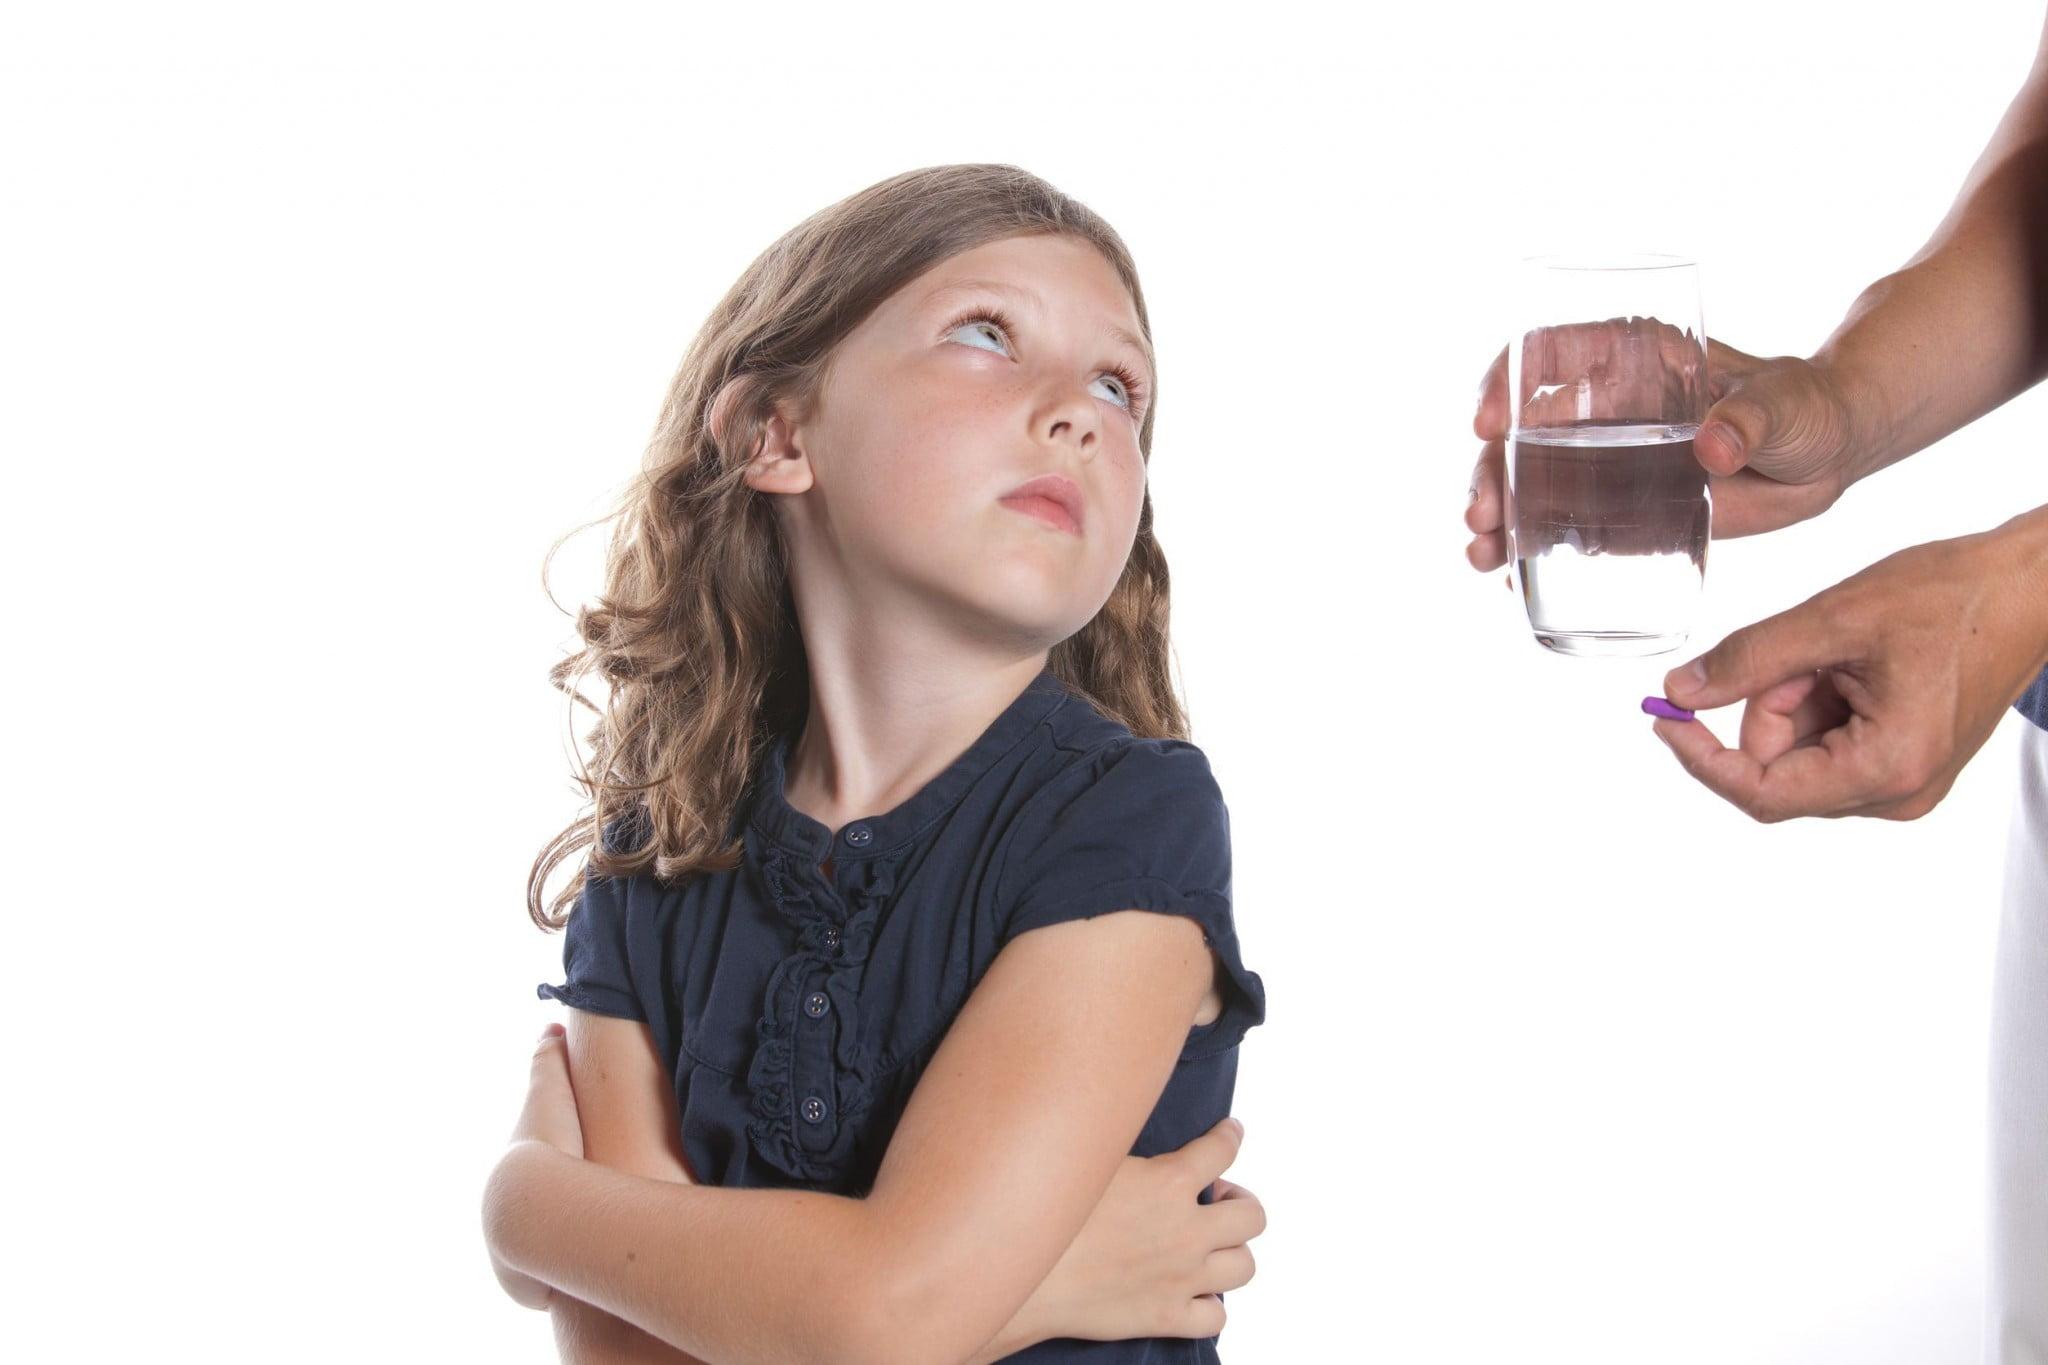 children health: little girl refuses medicine